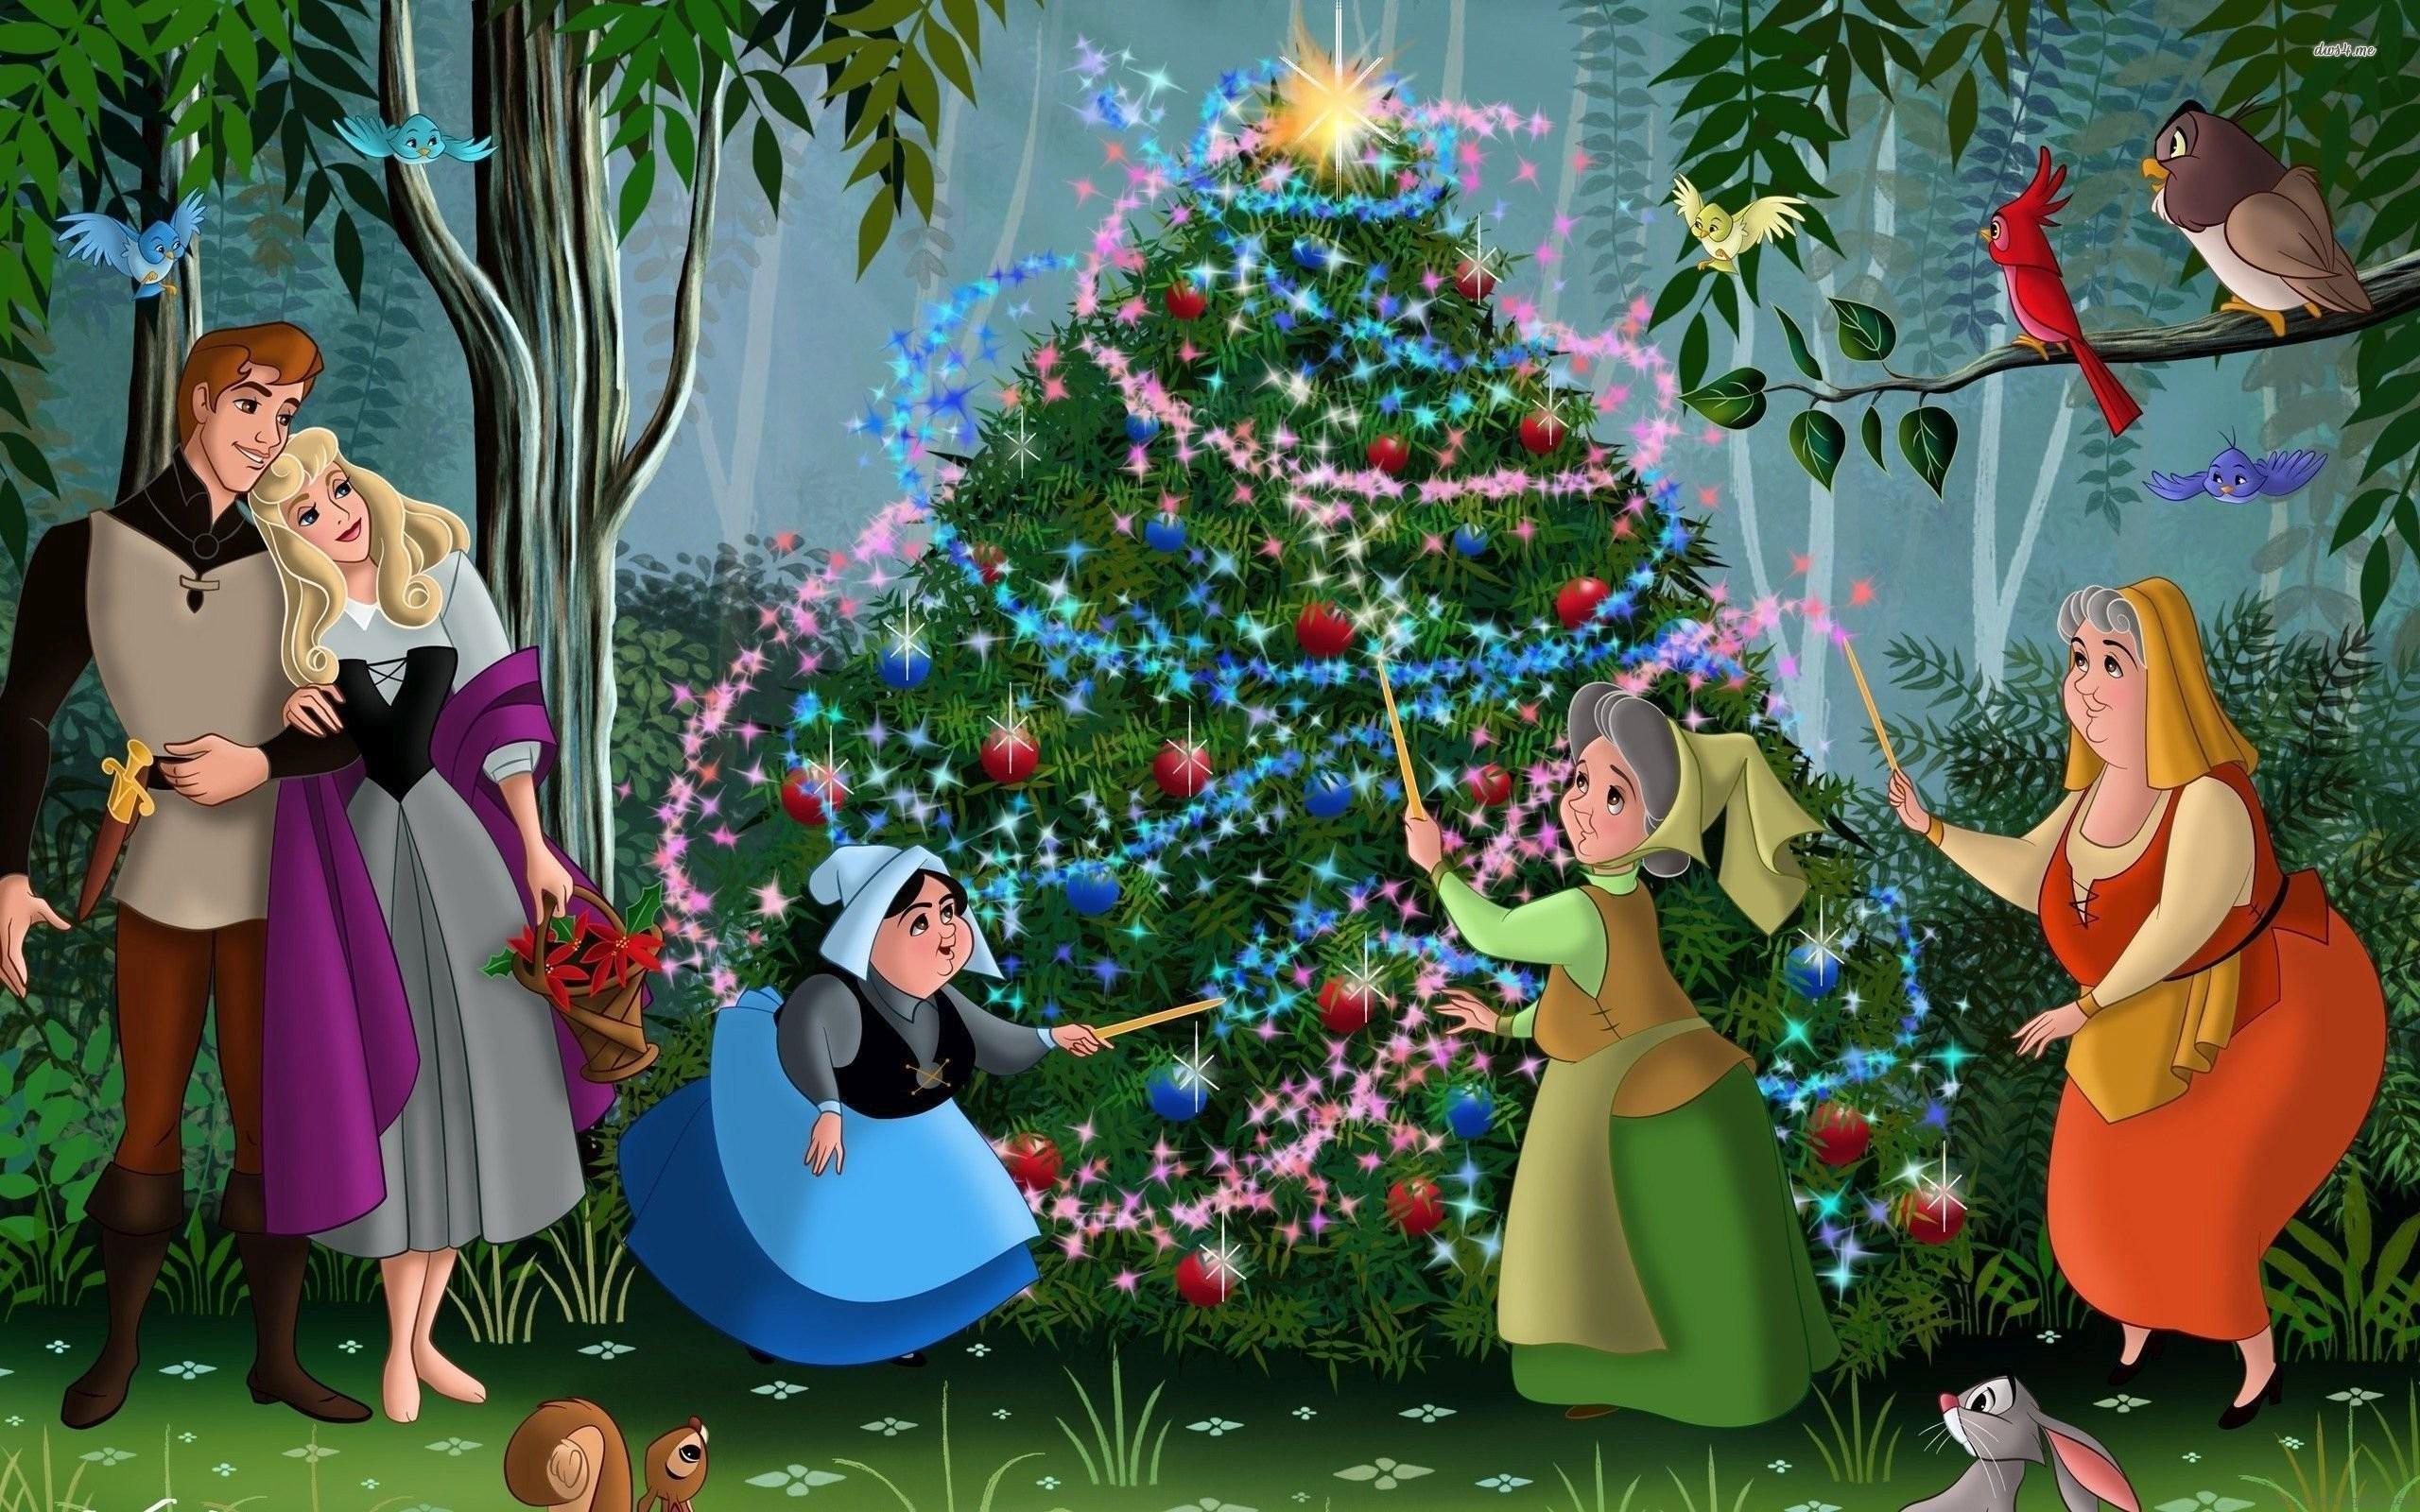 Sleeping Beauty Christmas